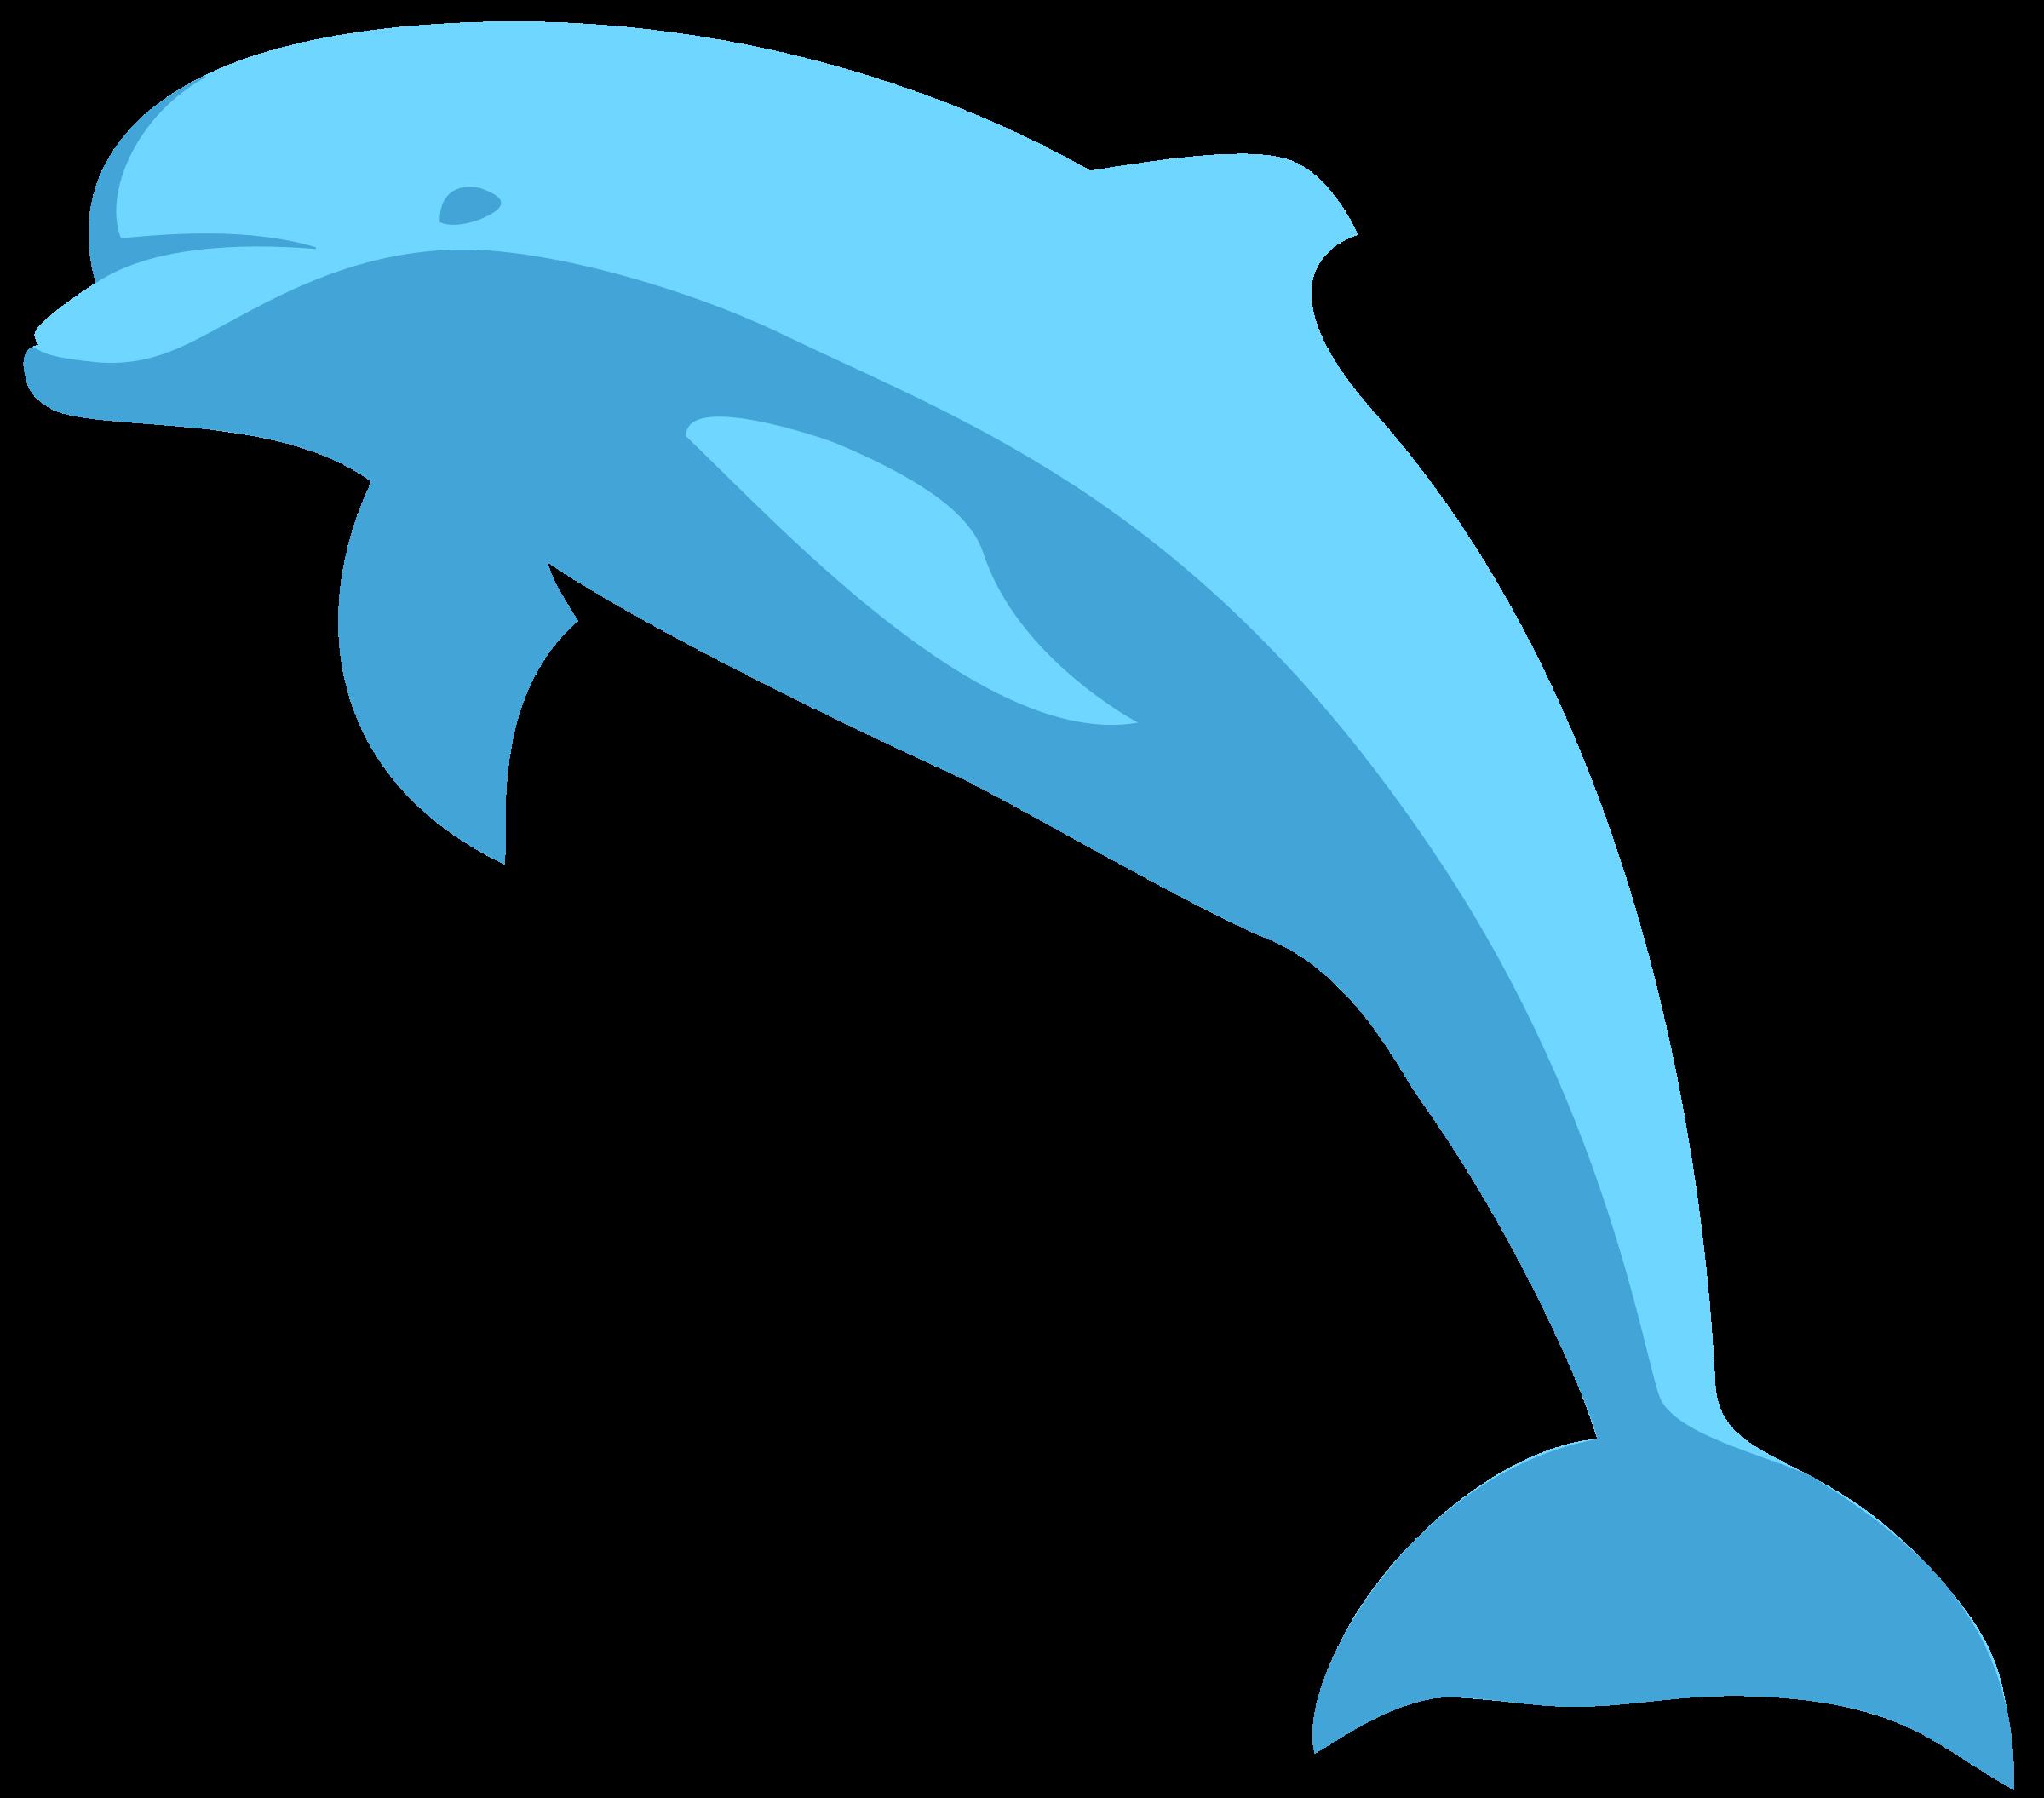 Clipart dolphin public domain. Delphin delfin big image